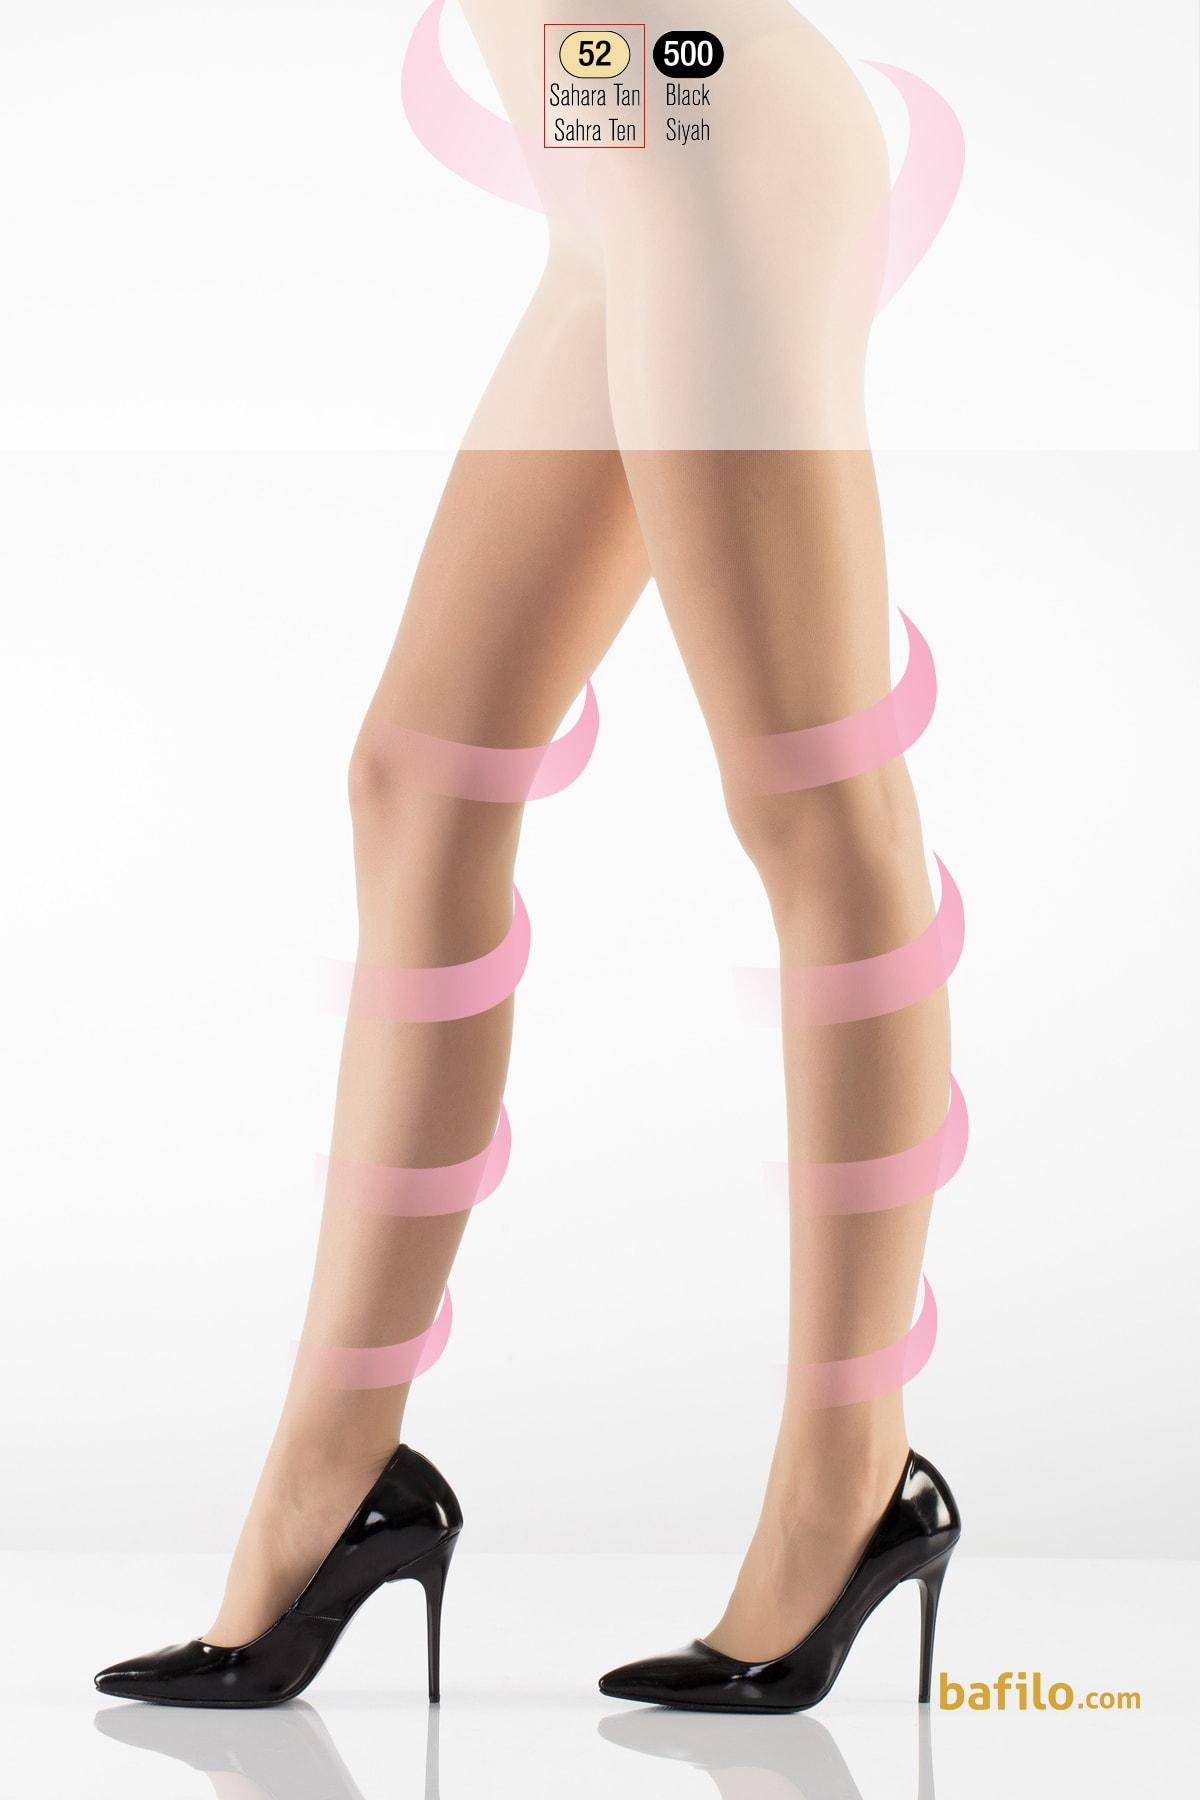 ایتالیانا | ITALIANA - جوراب شلواری گن دار زنانه ایتالیانا Light Support - رنگ بدن صحرا